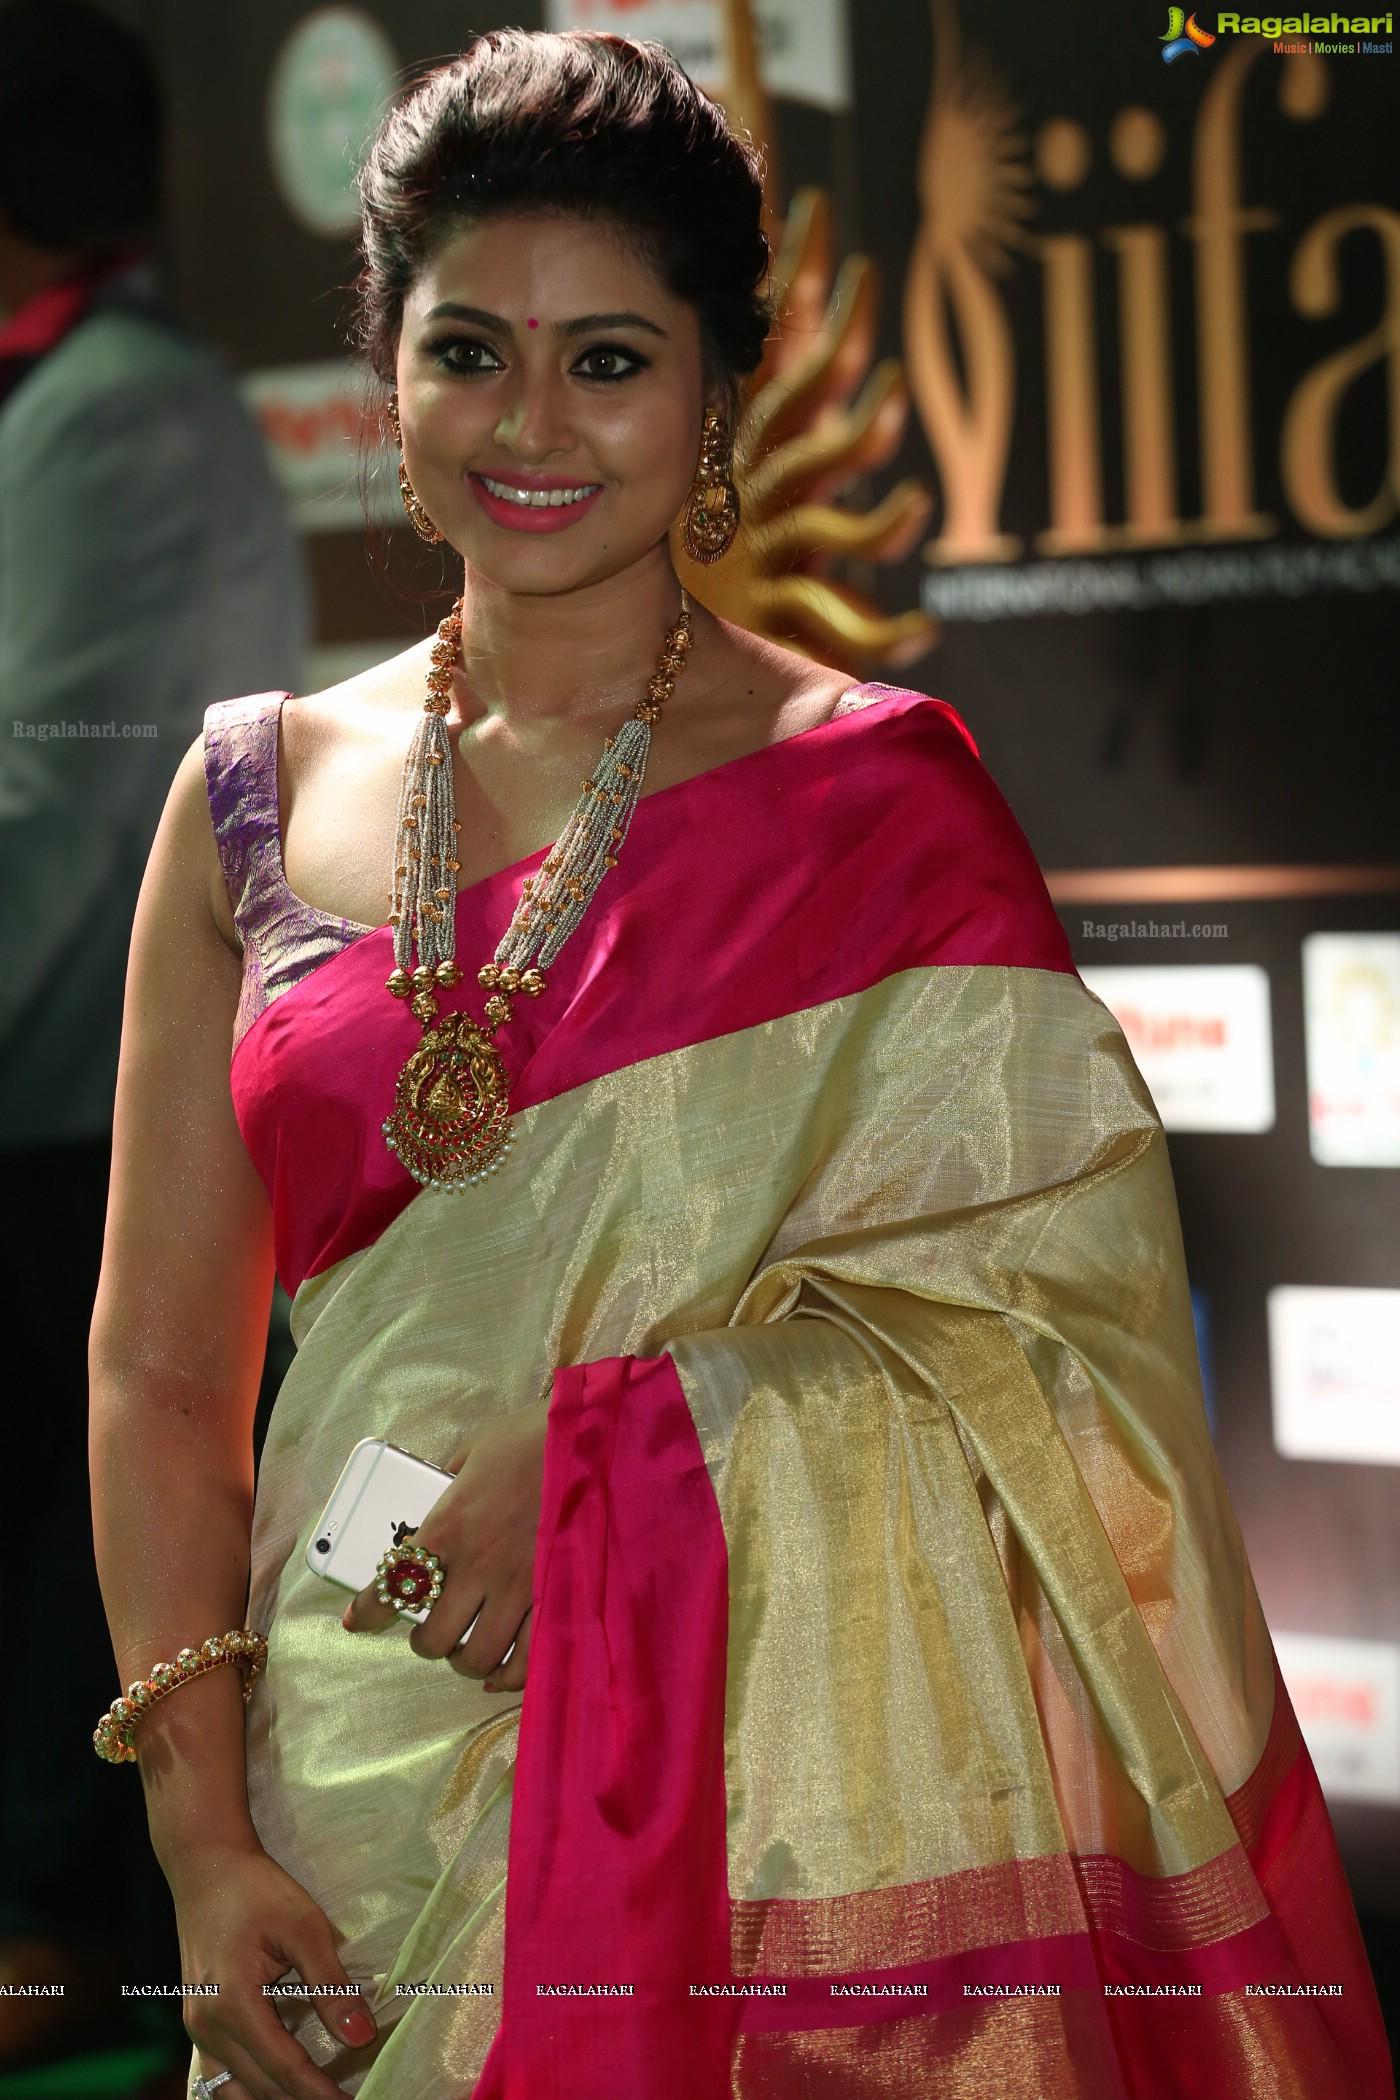 sneha and prasanna posters image 5007 telugu actress